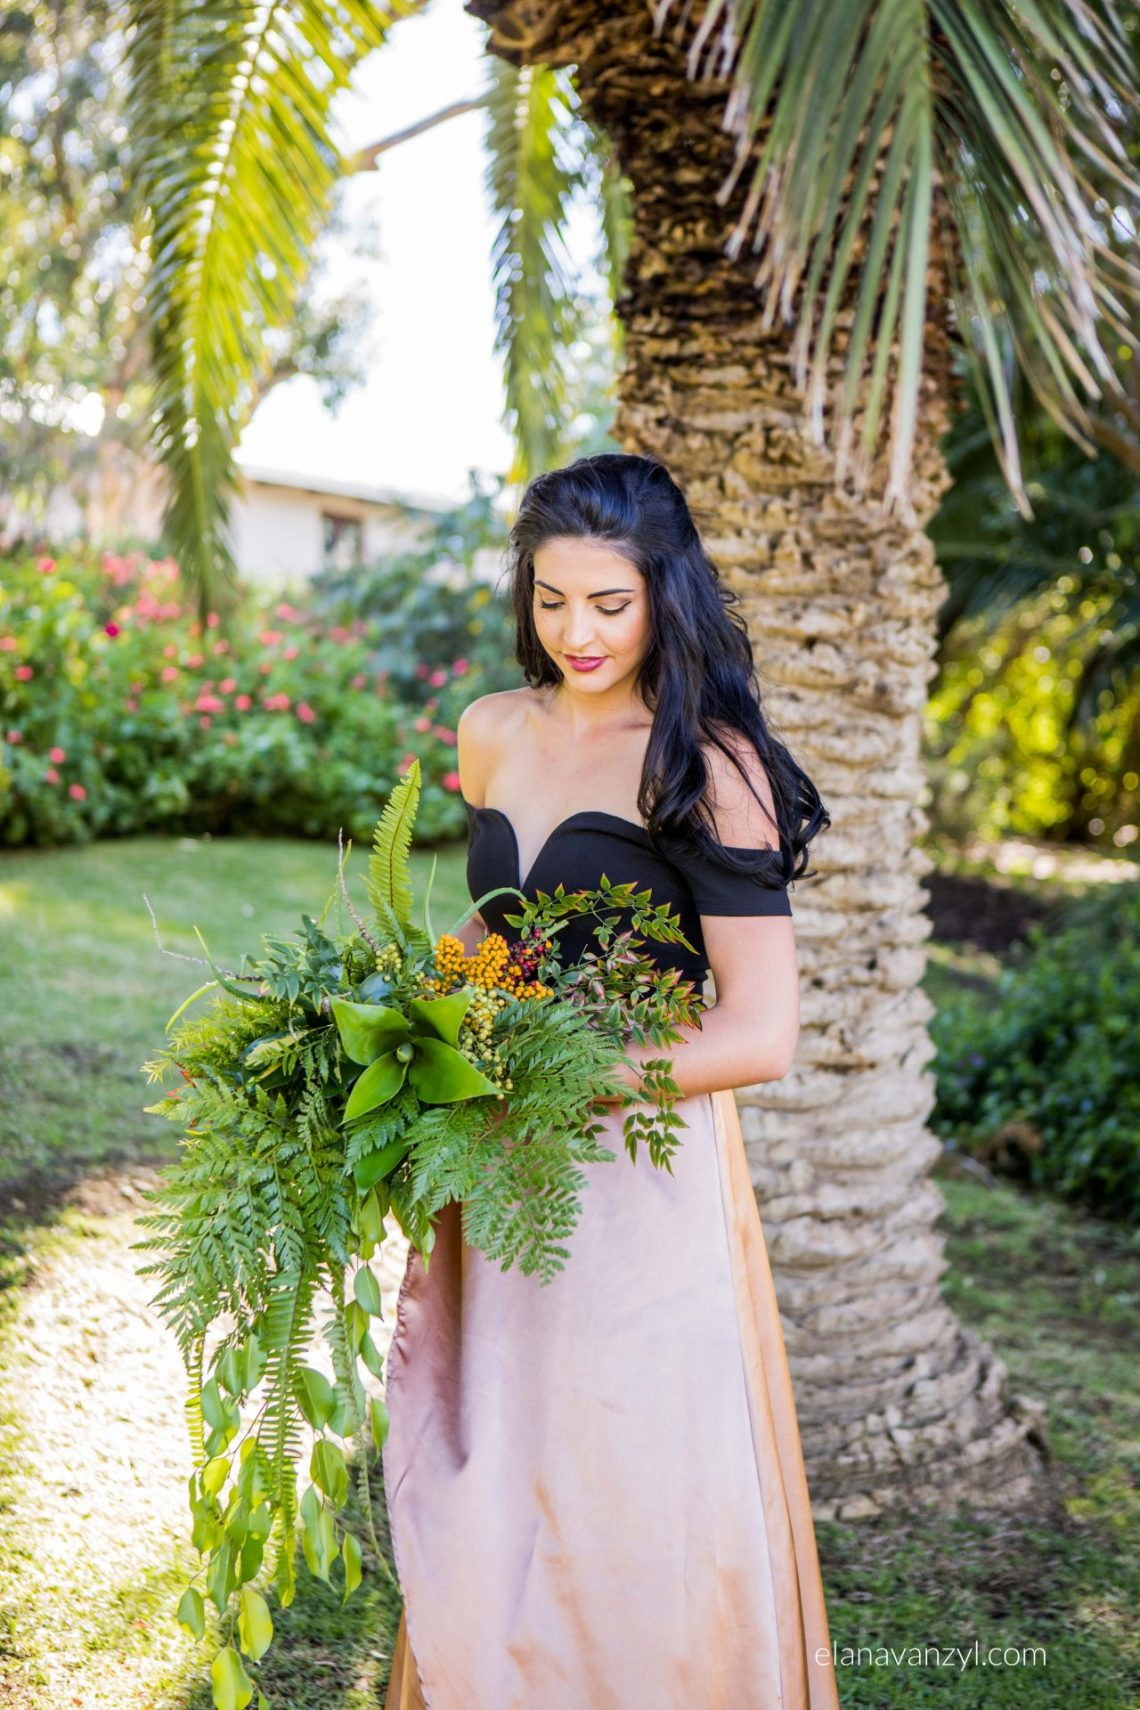 Styled Shoot_Elana van Zyl Photography-2-2